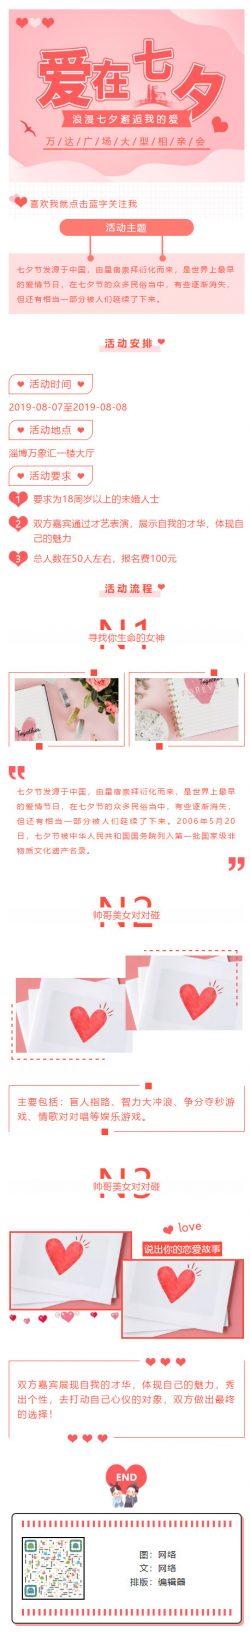 七夕节中国情人节传统节日粉红色风格微信推文模板推送素材